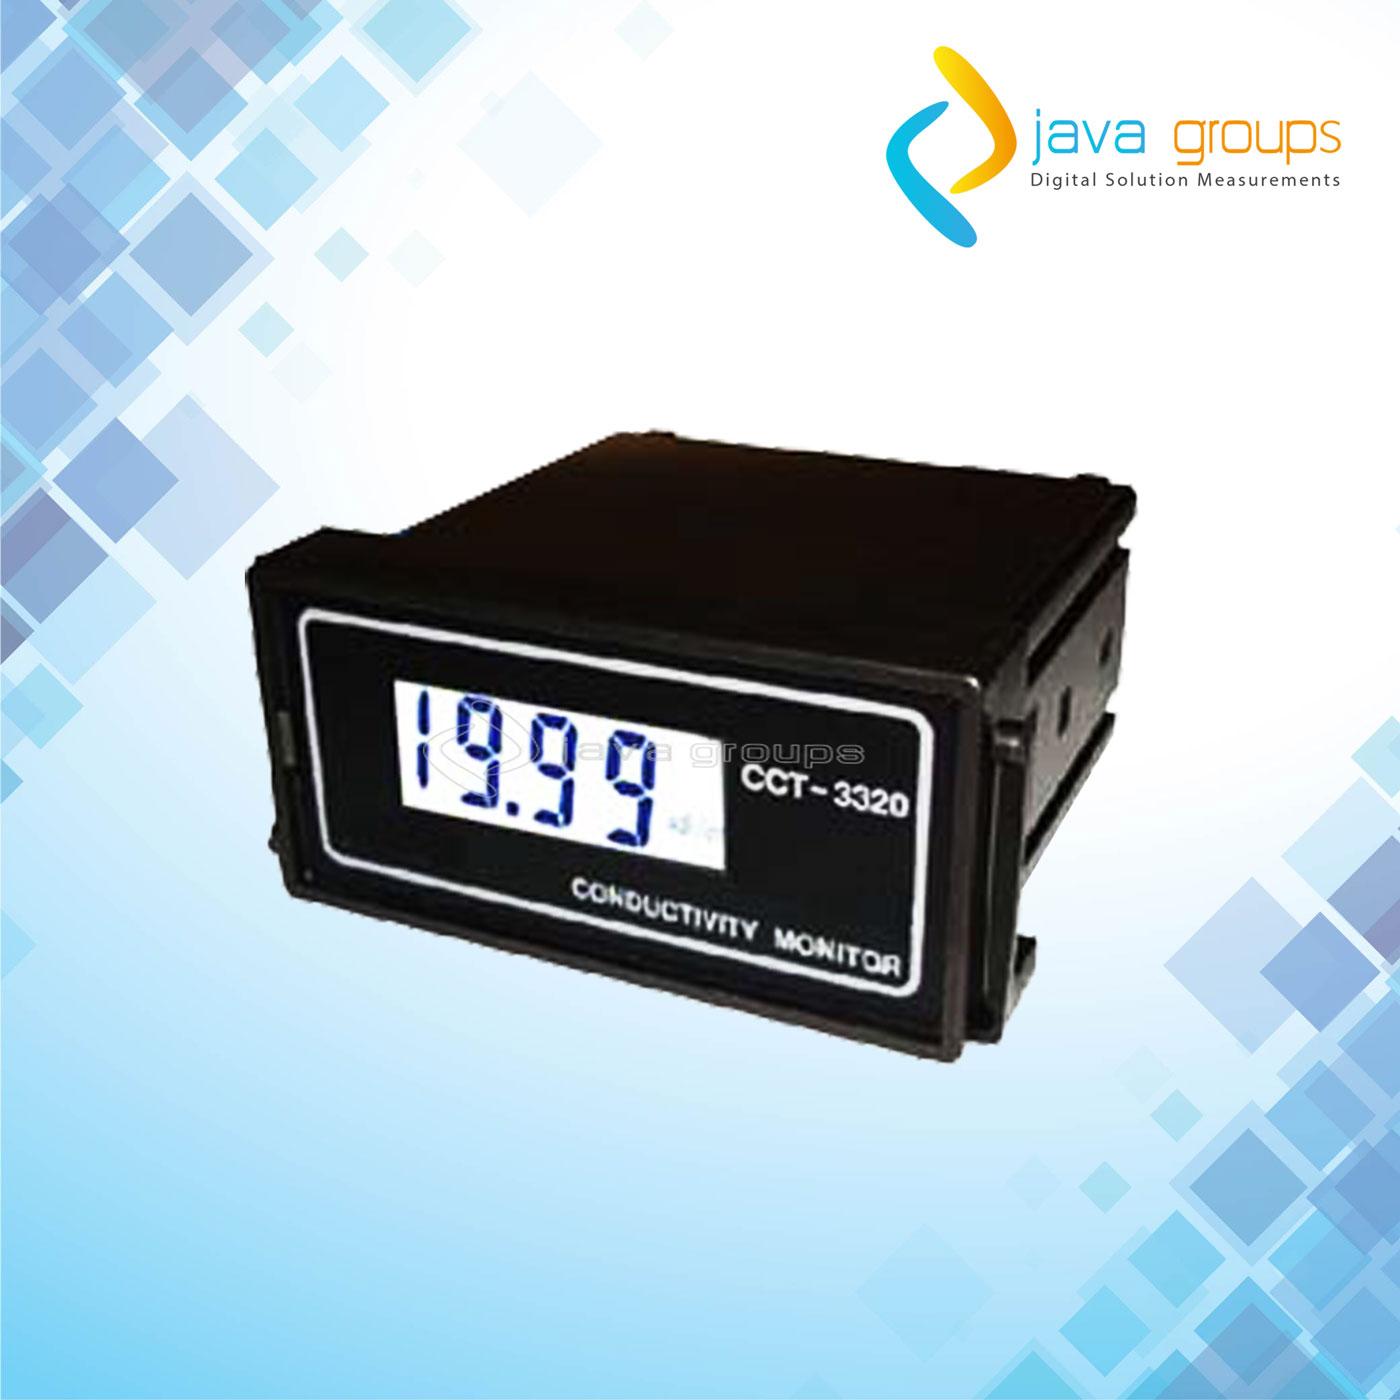 Alat Monitoring Konduktivitas Digital CCT-3320V